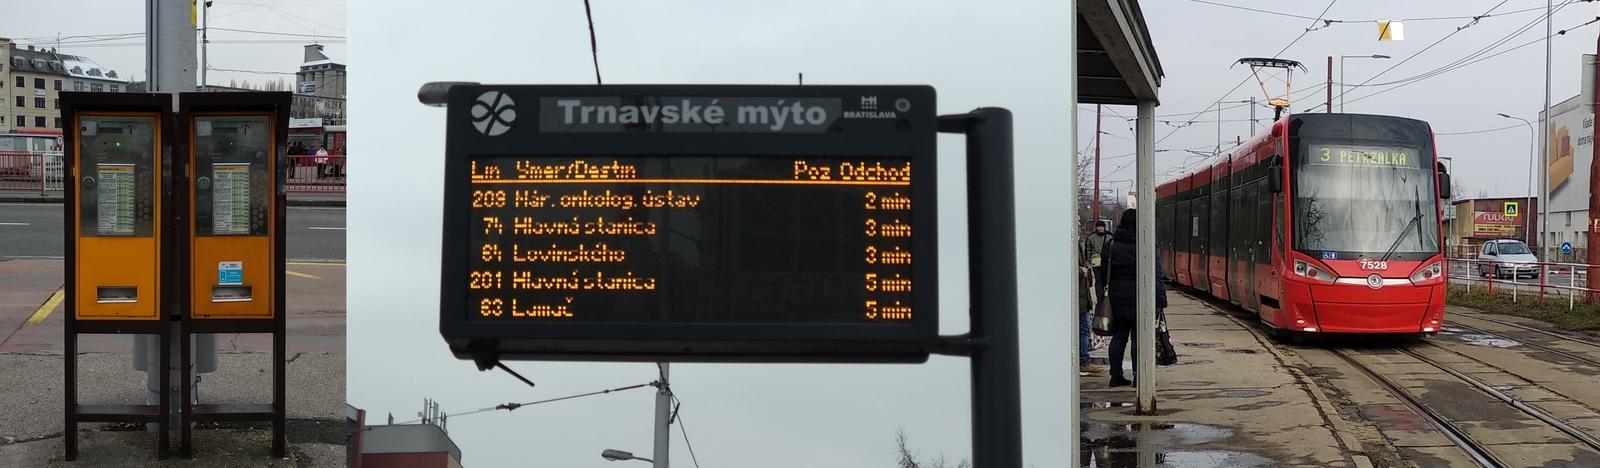 Словакию пмж где учиться логопеды в украине